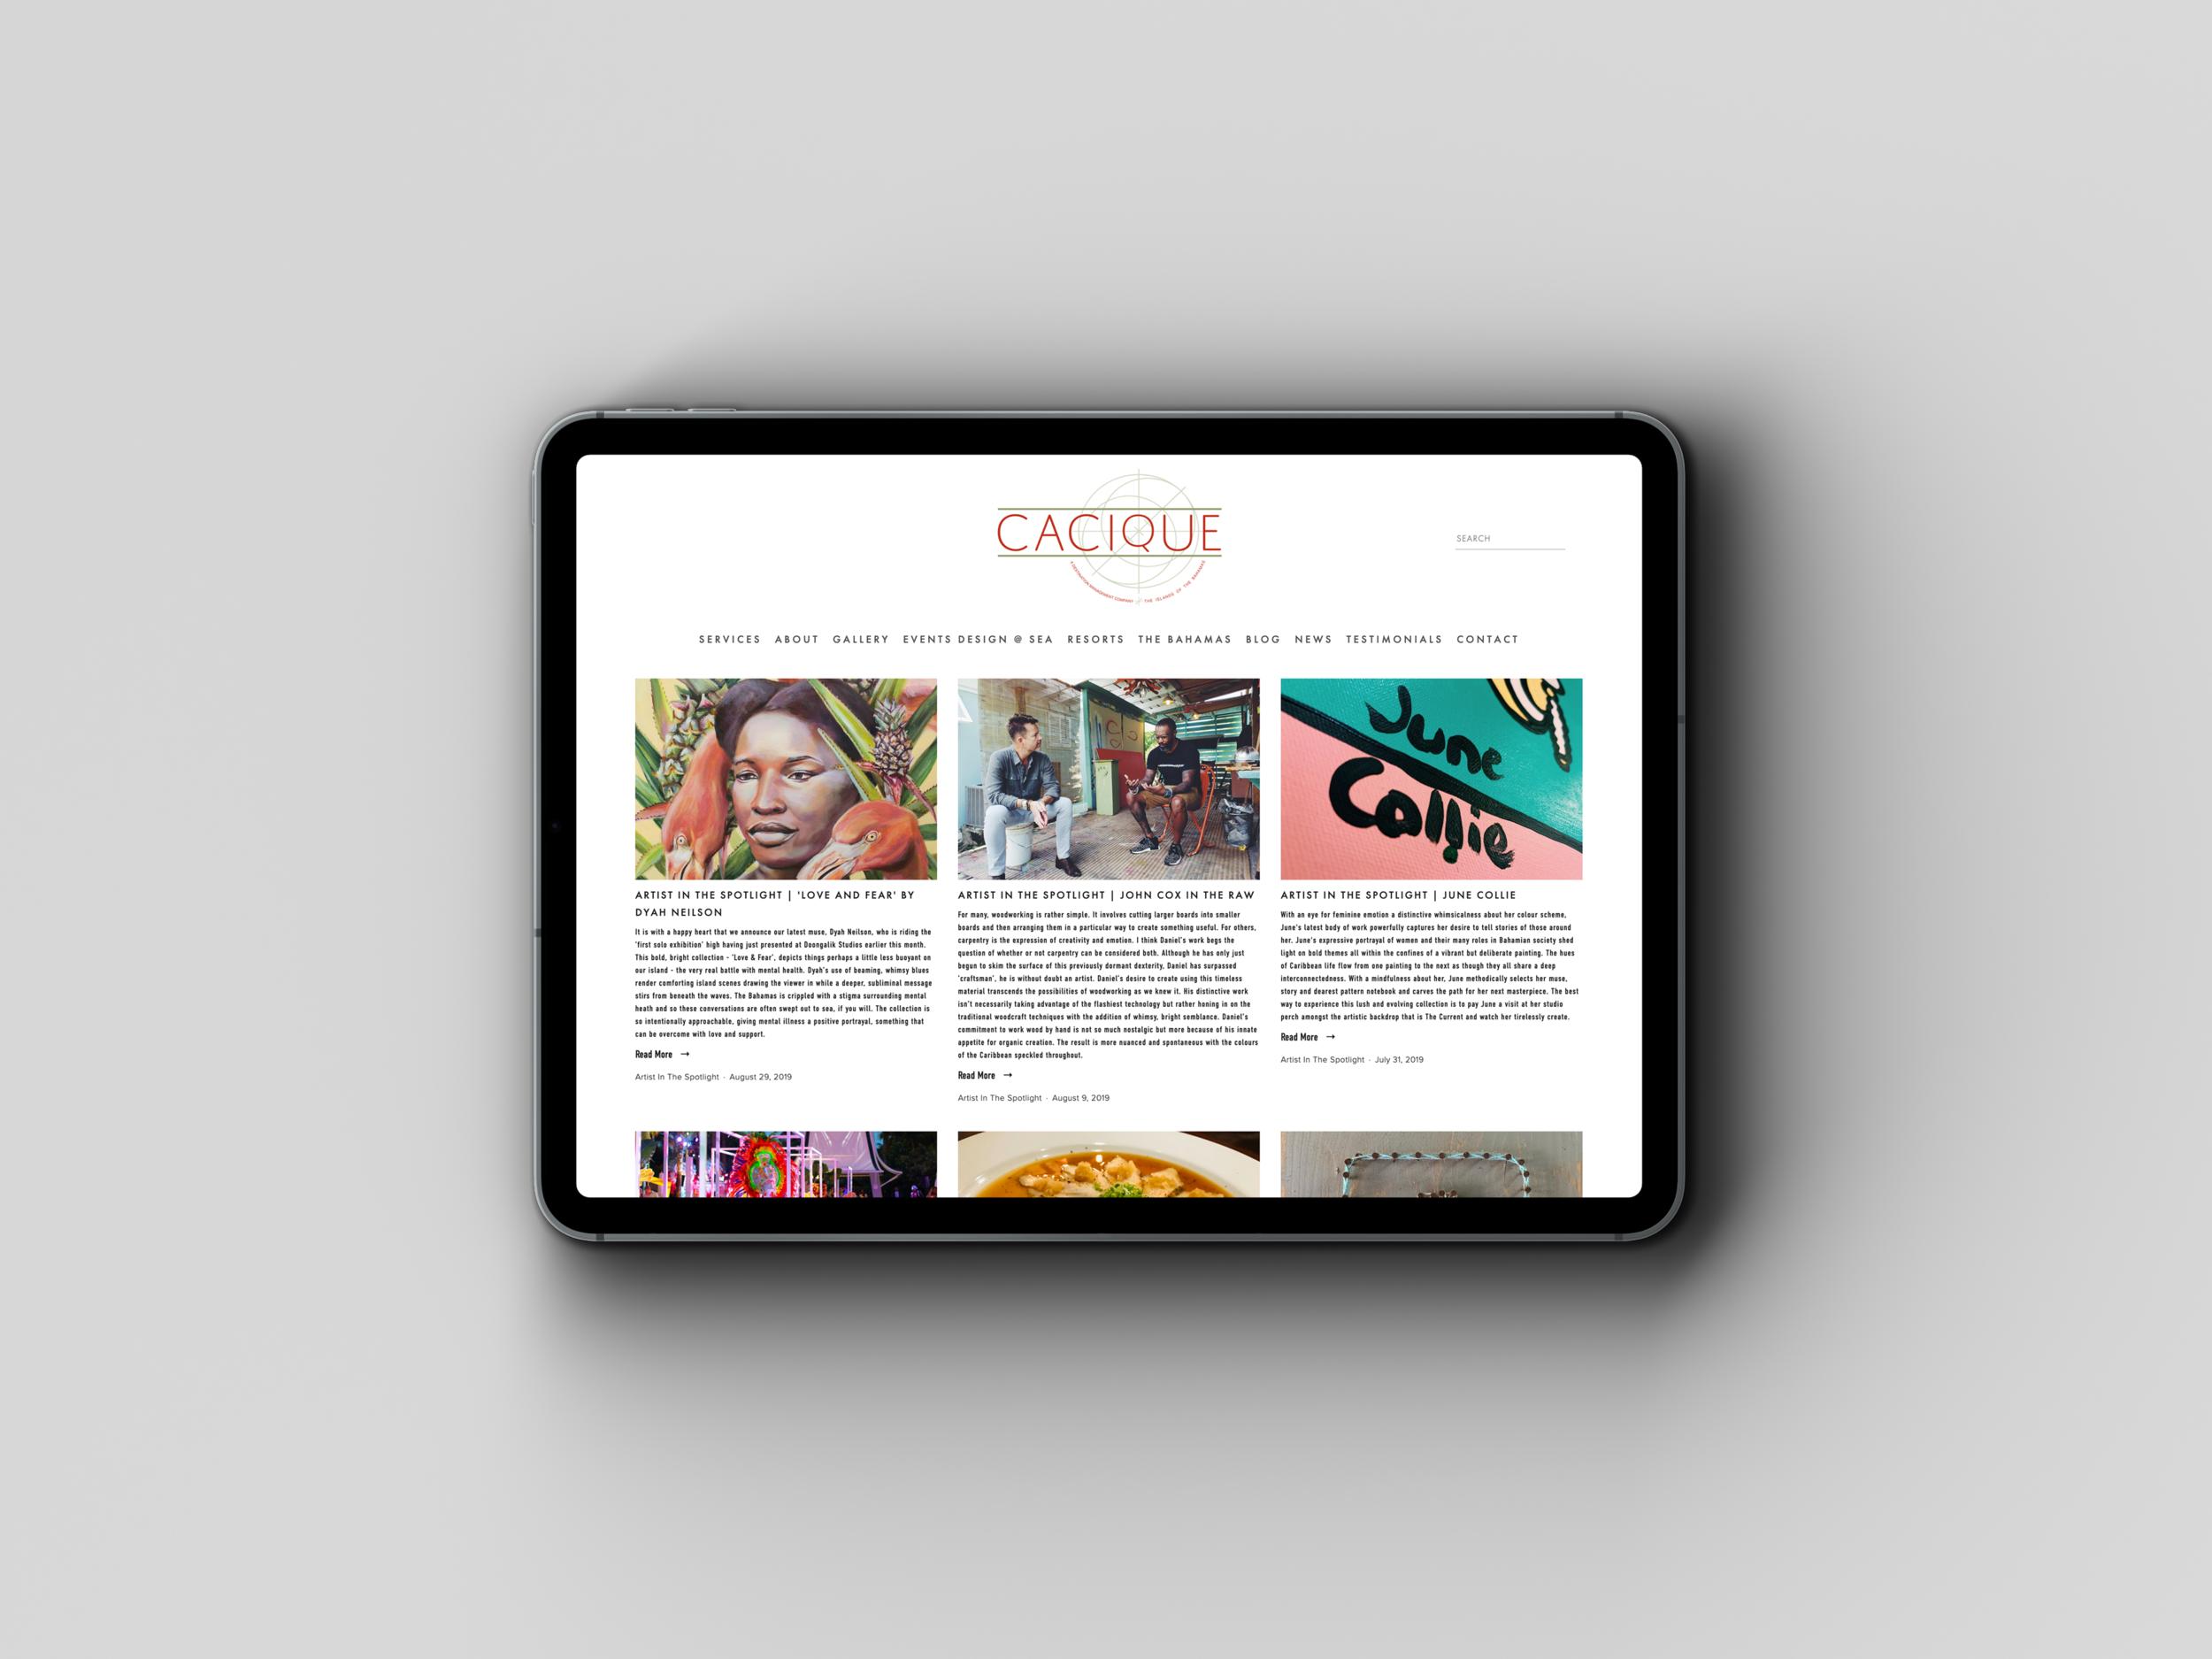 Cacique_Blog_iPad.png